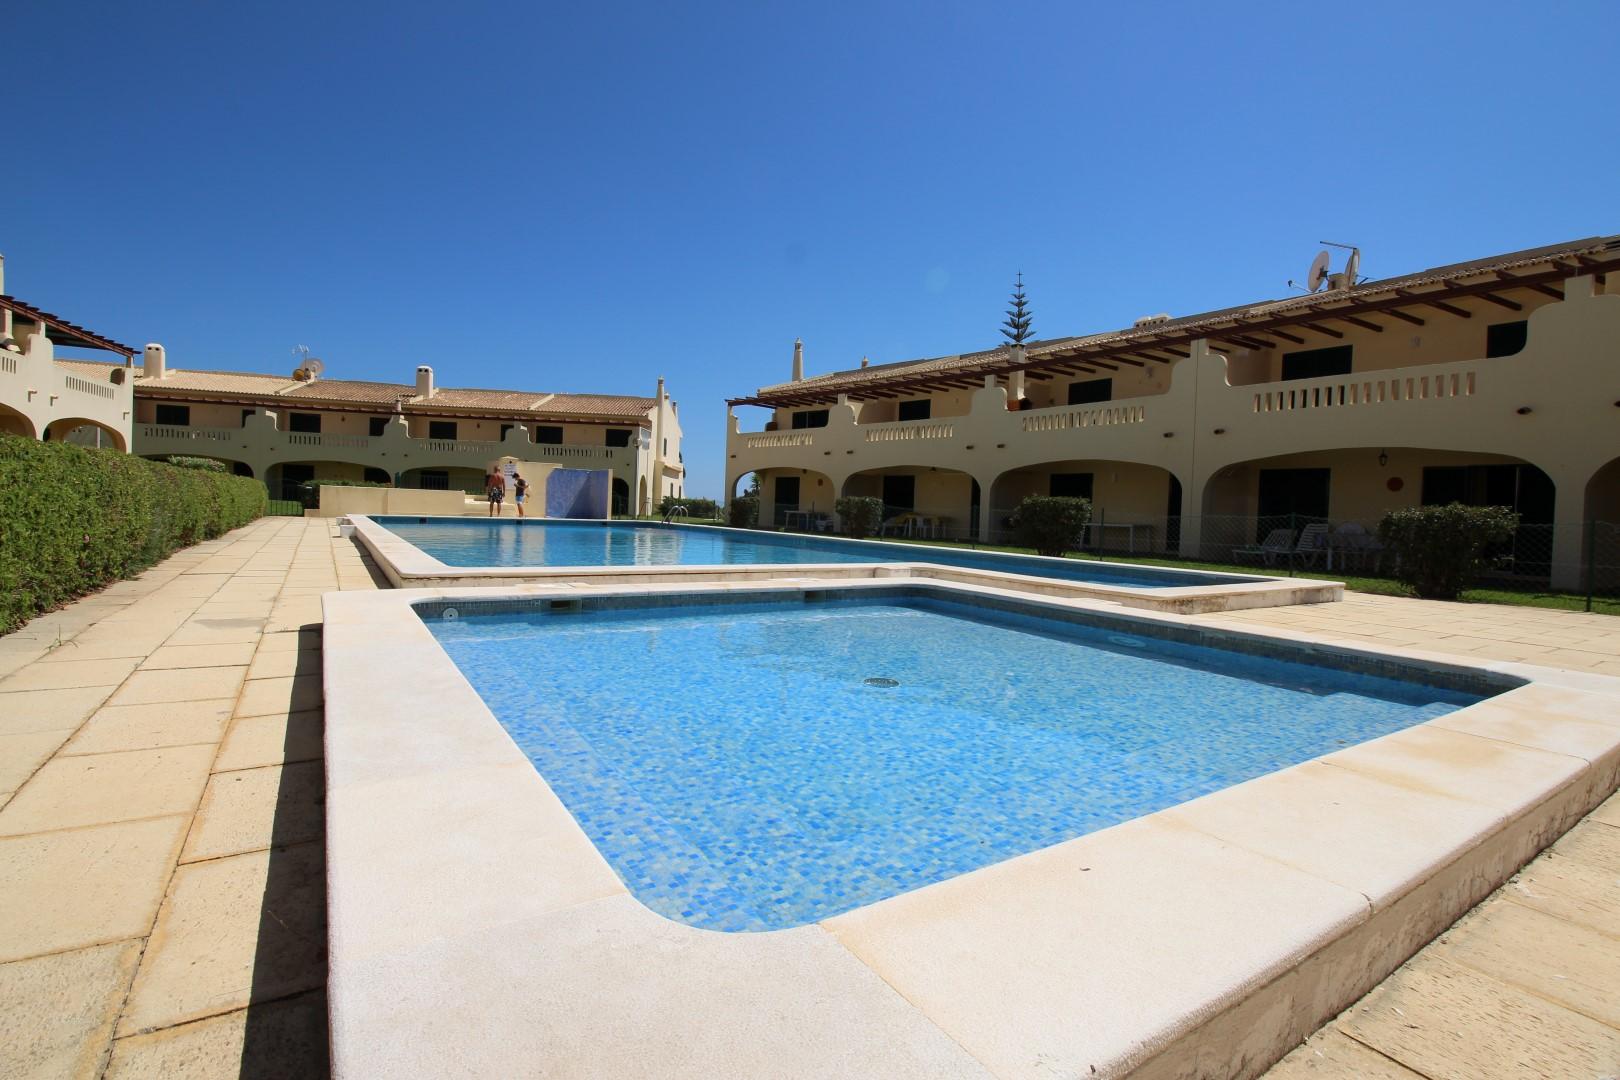 Location appartements et villas de vacance, Appartement avec piscine et terrasse – Porches à Porches (8400), Portugal Algarve, REF_IMG_8812_8813